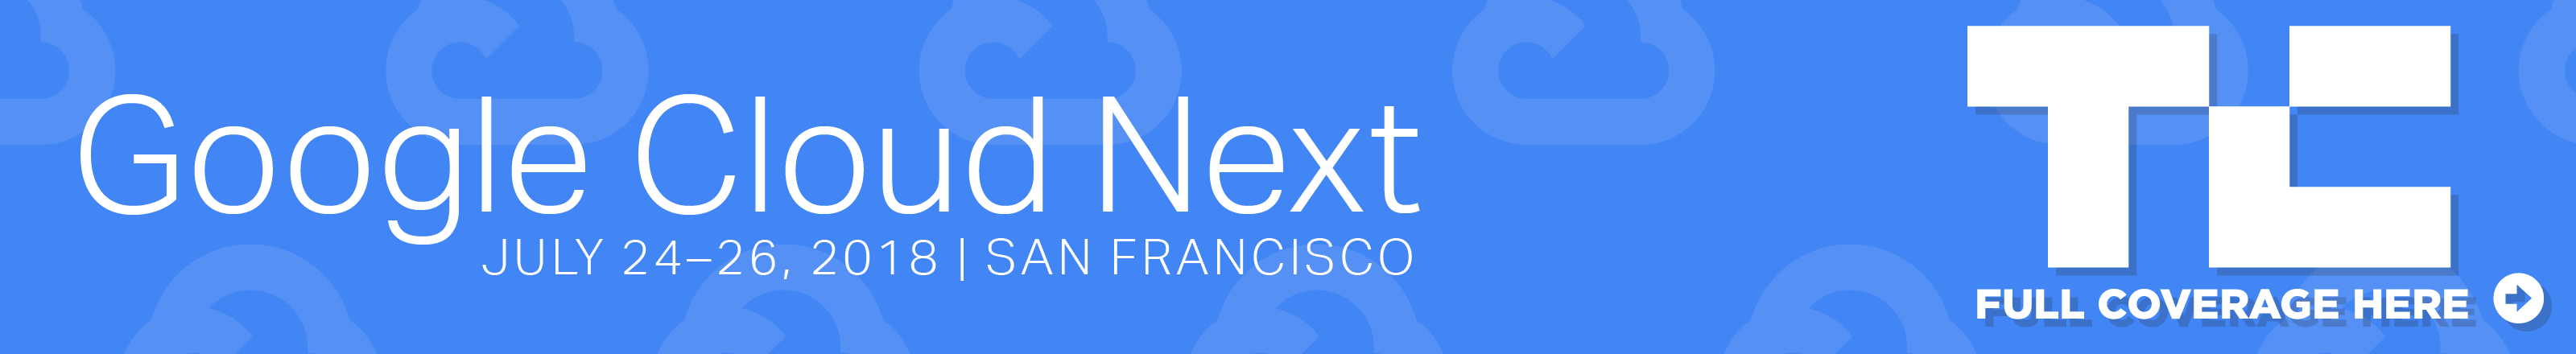 google cloud next 2018 banner 7